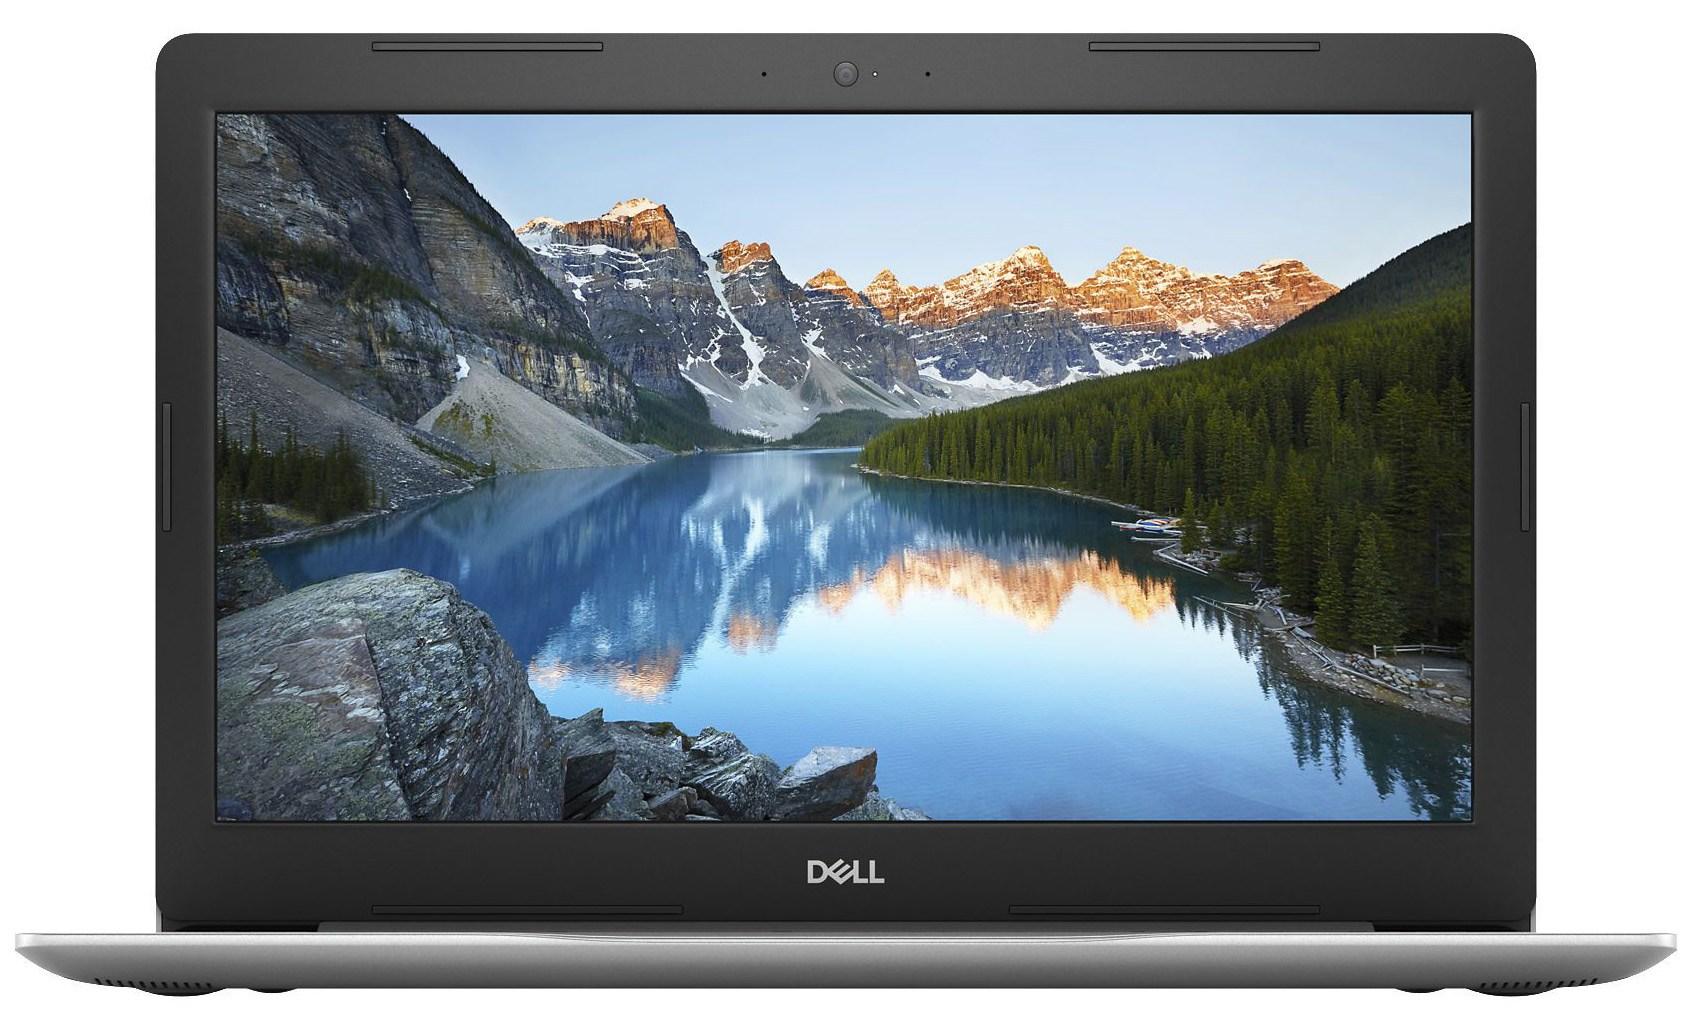 Notebook Dell Inspiron 5570 15.6 Full HD Intel Core i7-8550U Radeon 530-4GB RAM 8GB HDD 1TB + SSD 128GB Windows 10 Home